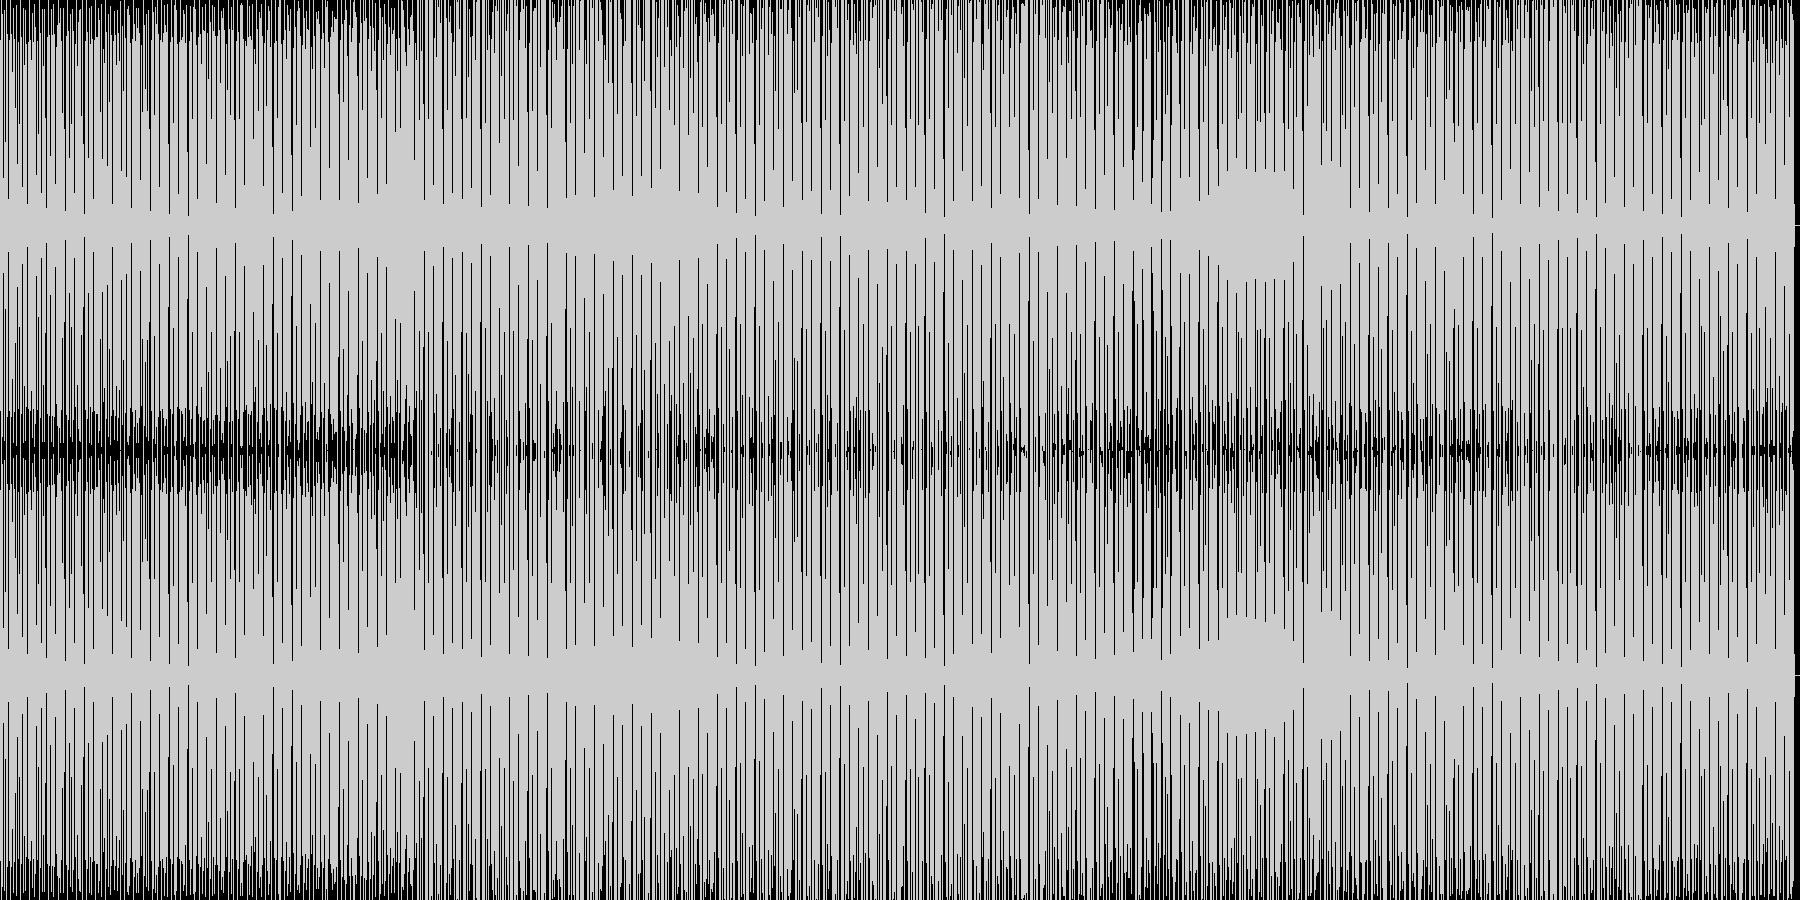 力強い感じのミニマルハウスの未再生の波形